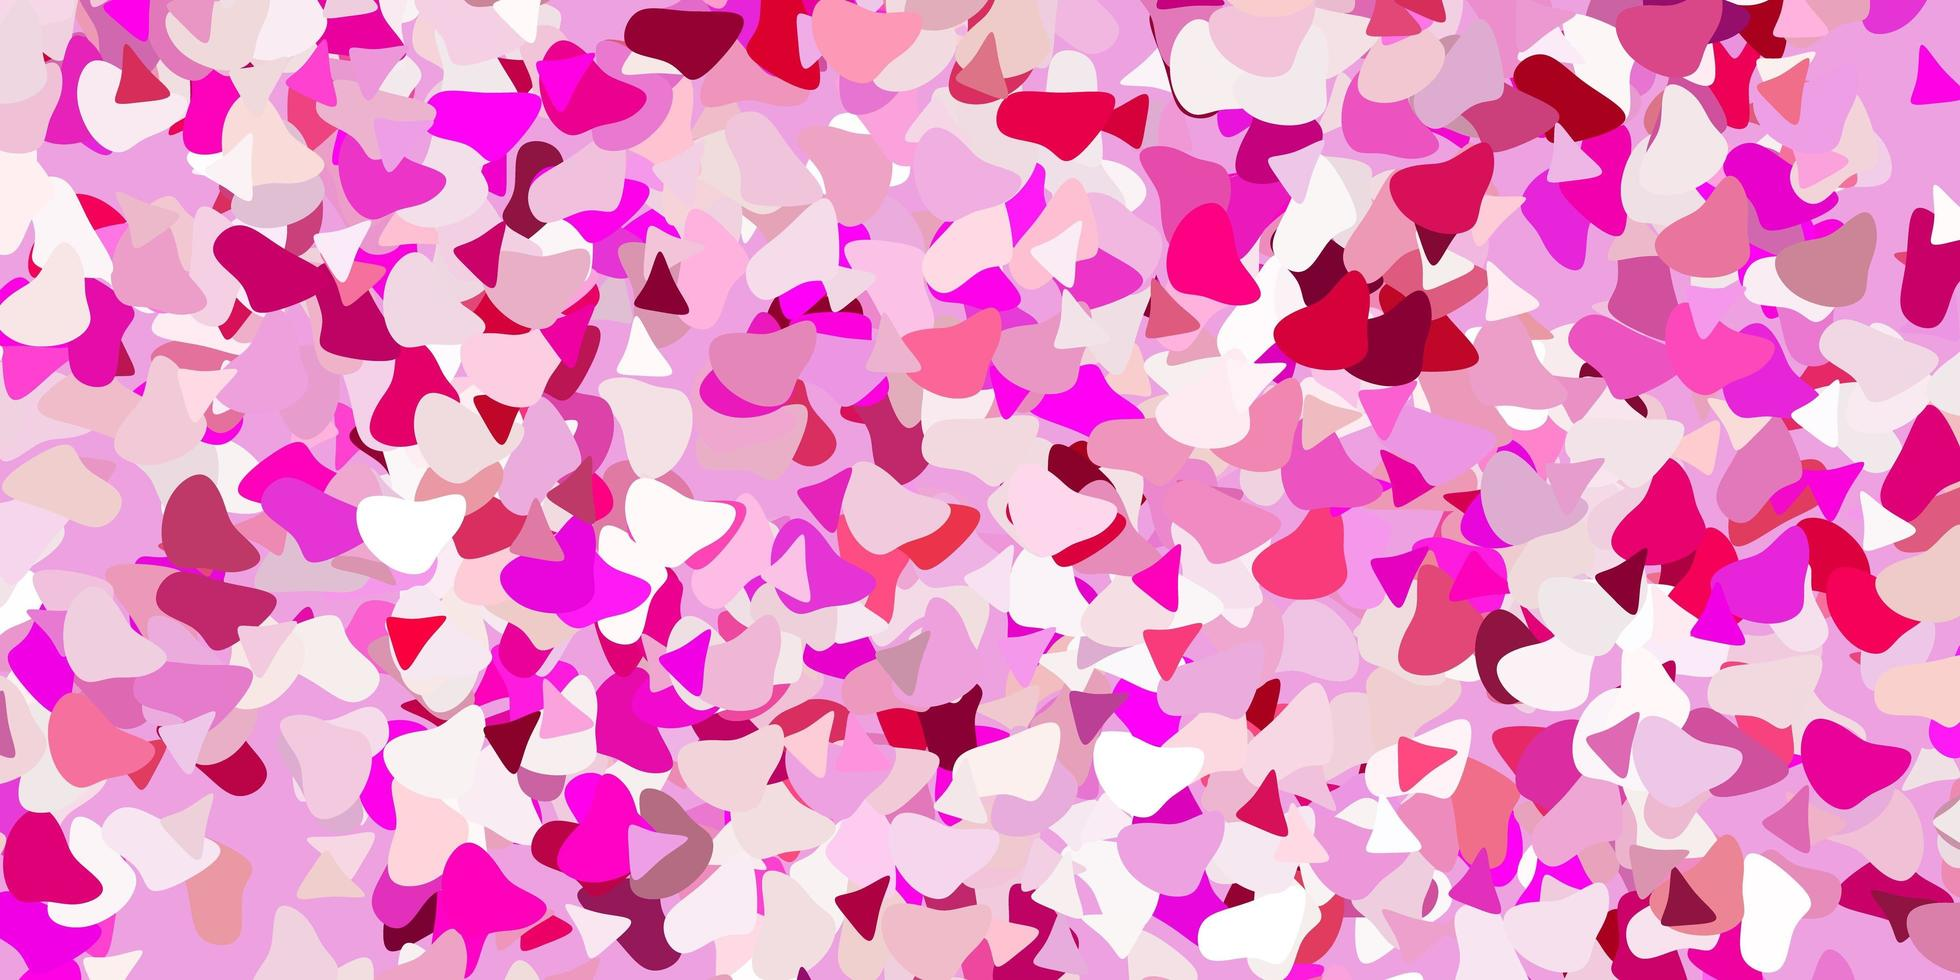 ljusrosa vektormönster med abstrakta former. vektor